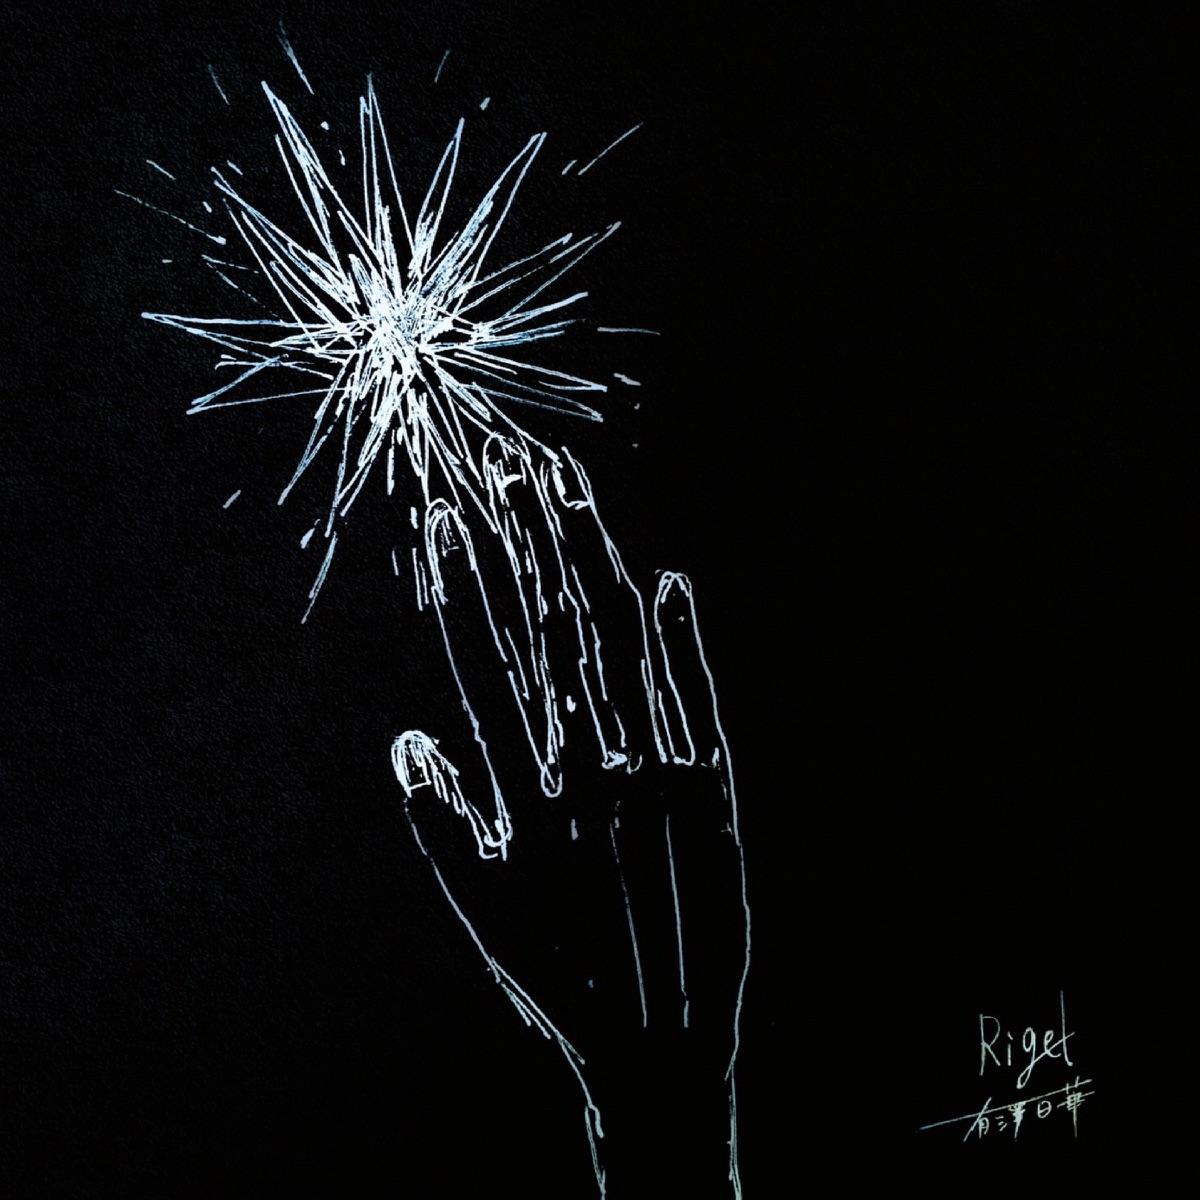 『有澤百華 - 魔法が使えたら』収録の『Rigel』ジャケット